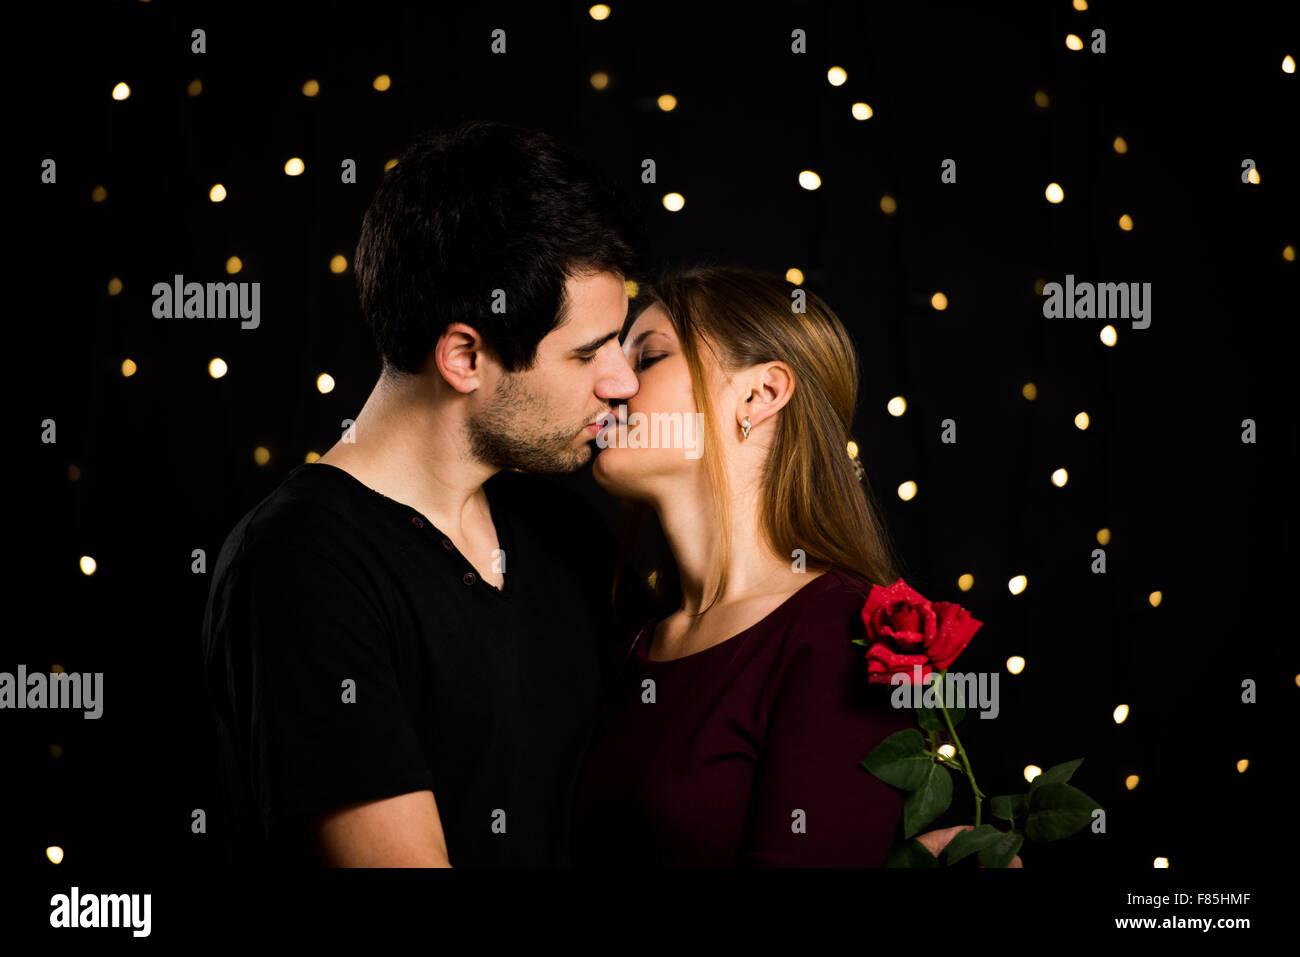 Schwarzer Mann und Frau küssen